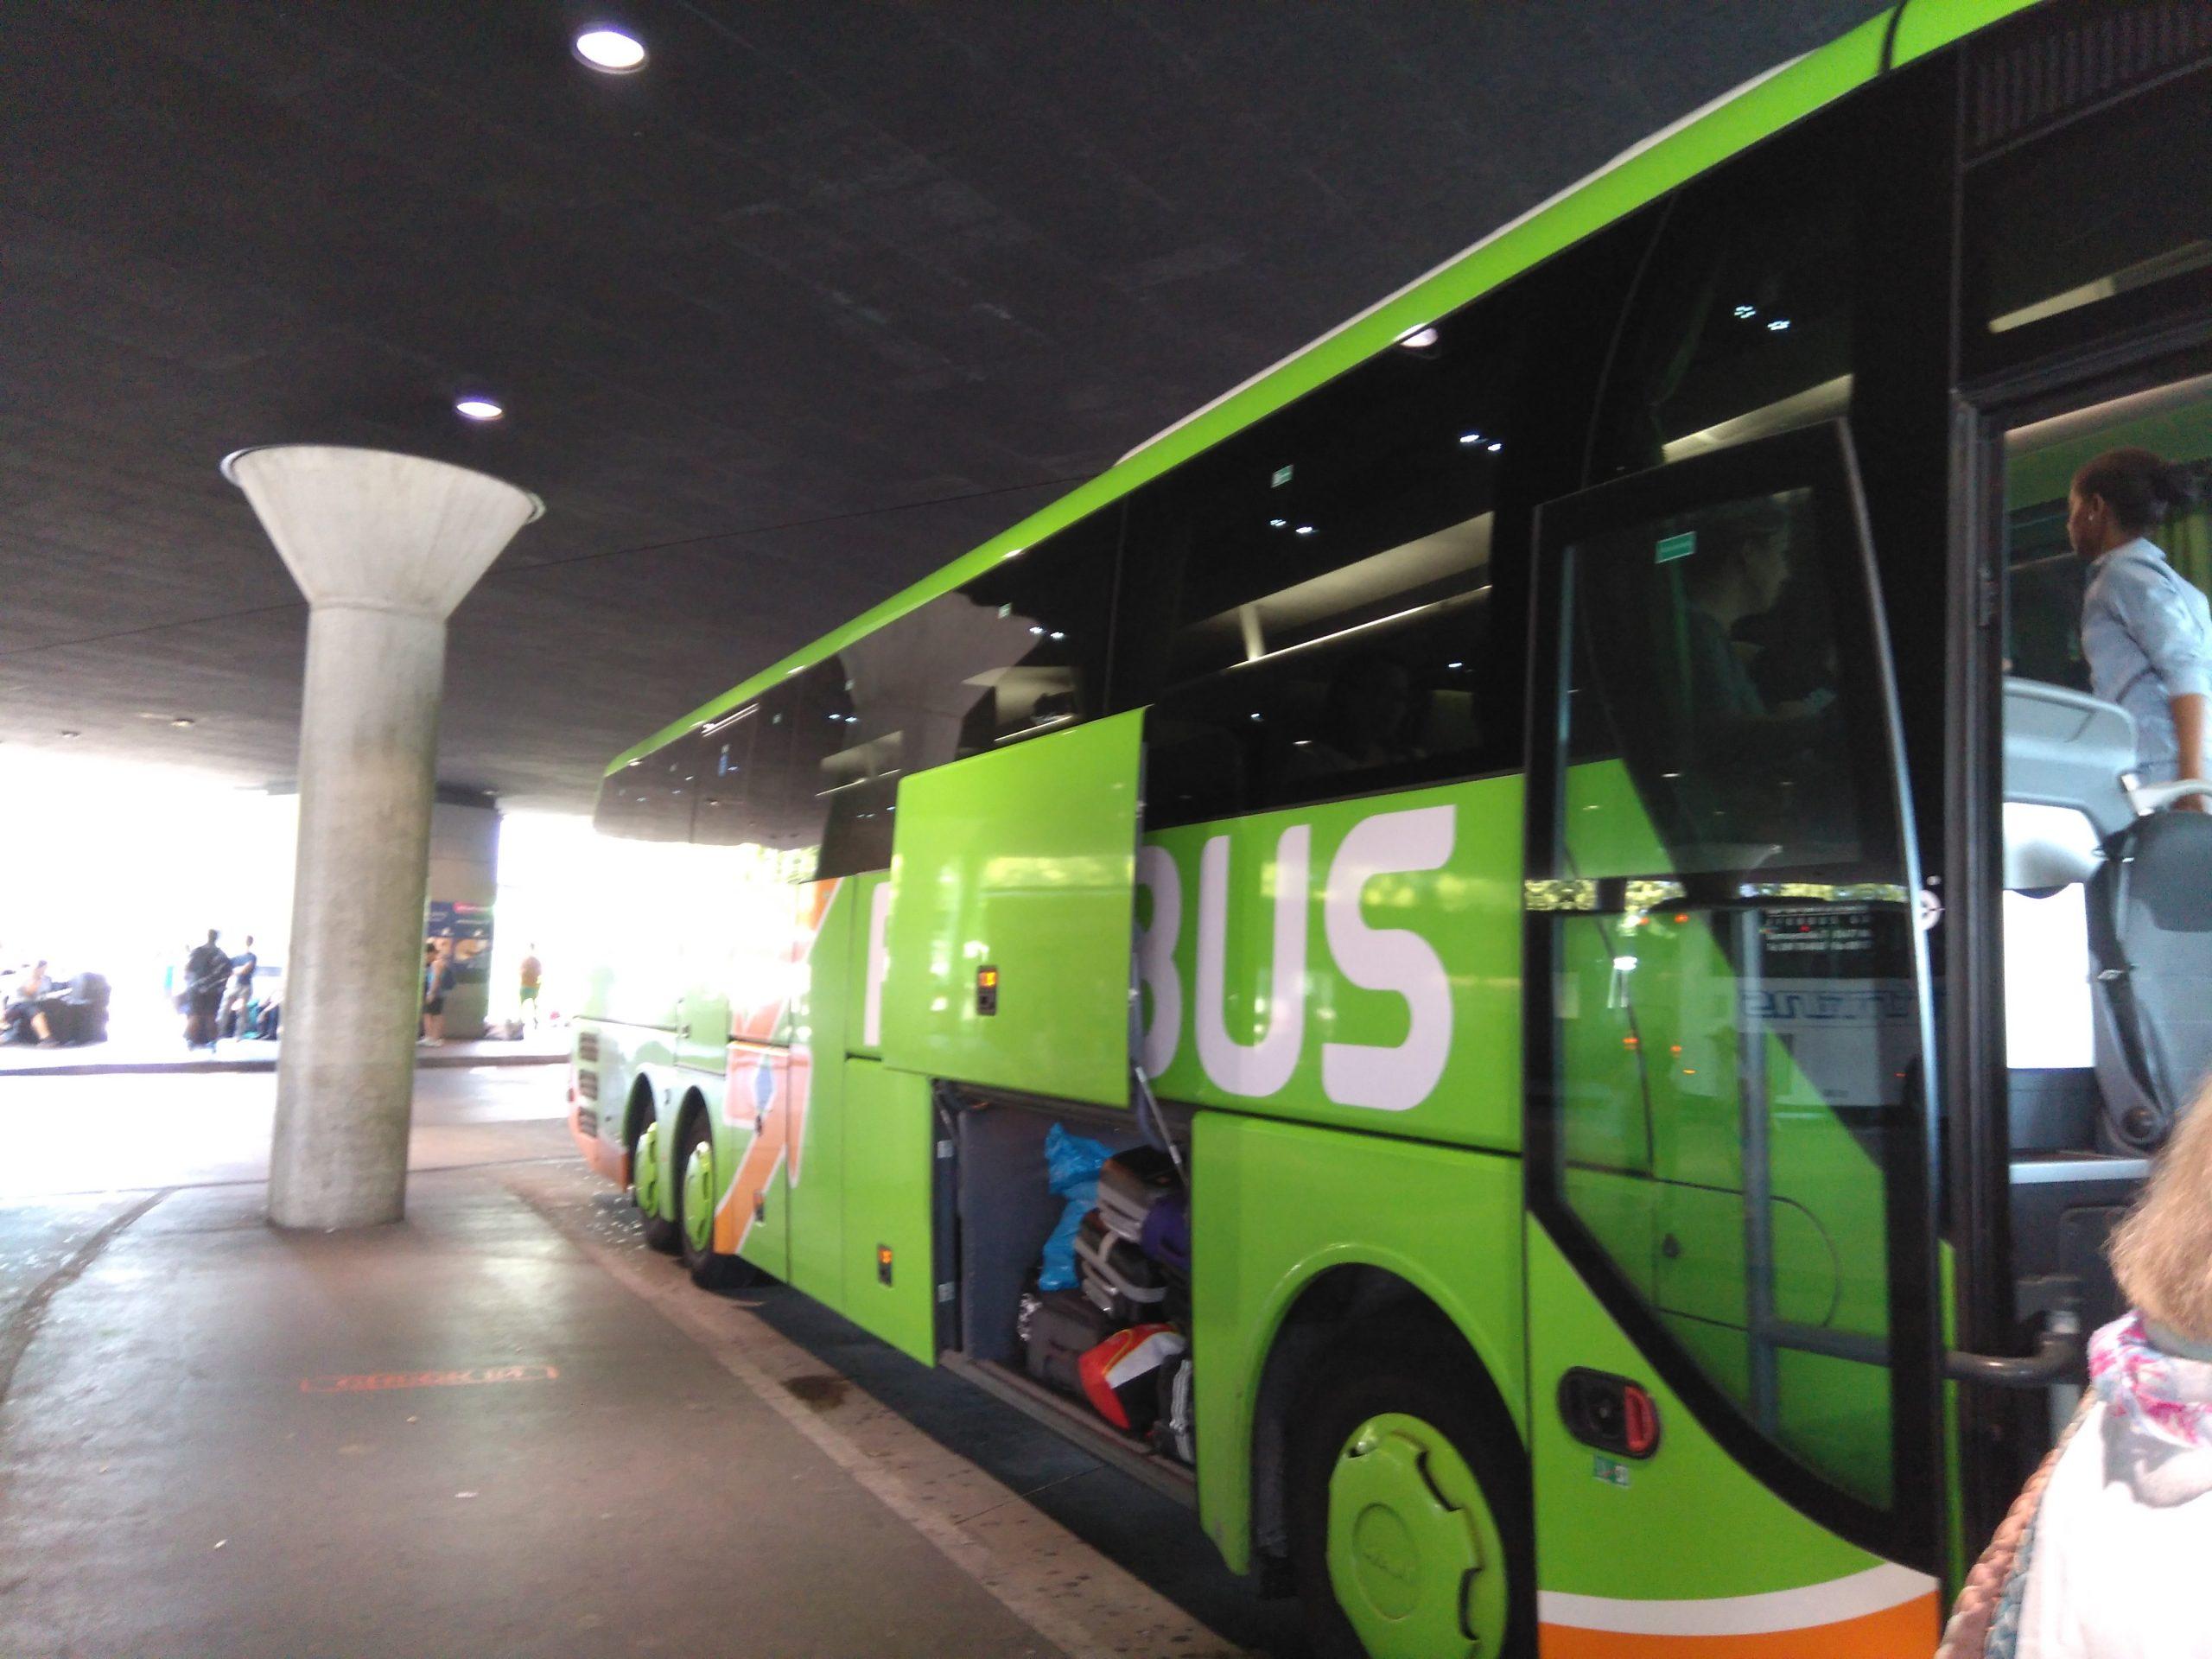 Flixbus goedkoop en comfortabel op reis of toch niet